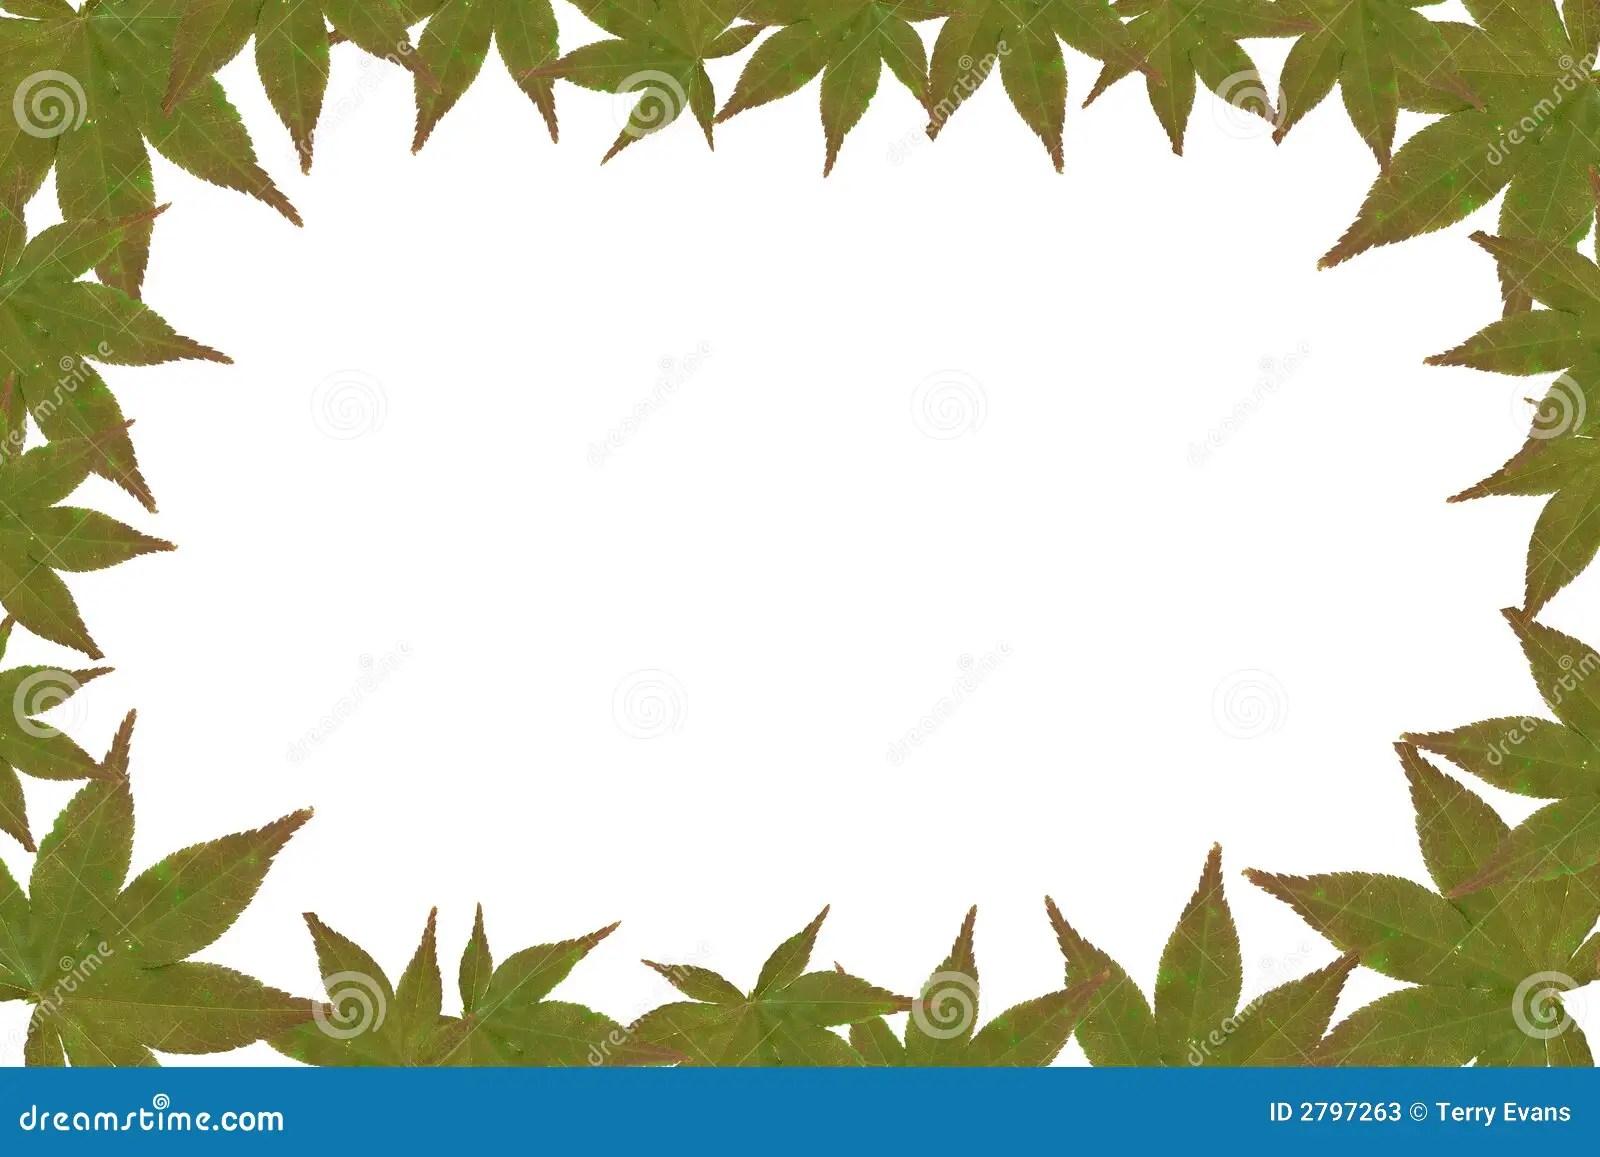 Leaf Frame Stock Image Image Of Nature Wallpaper